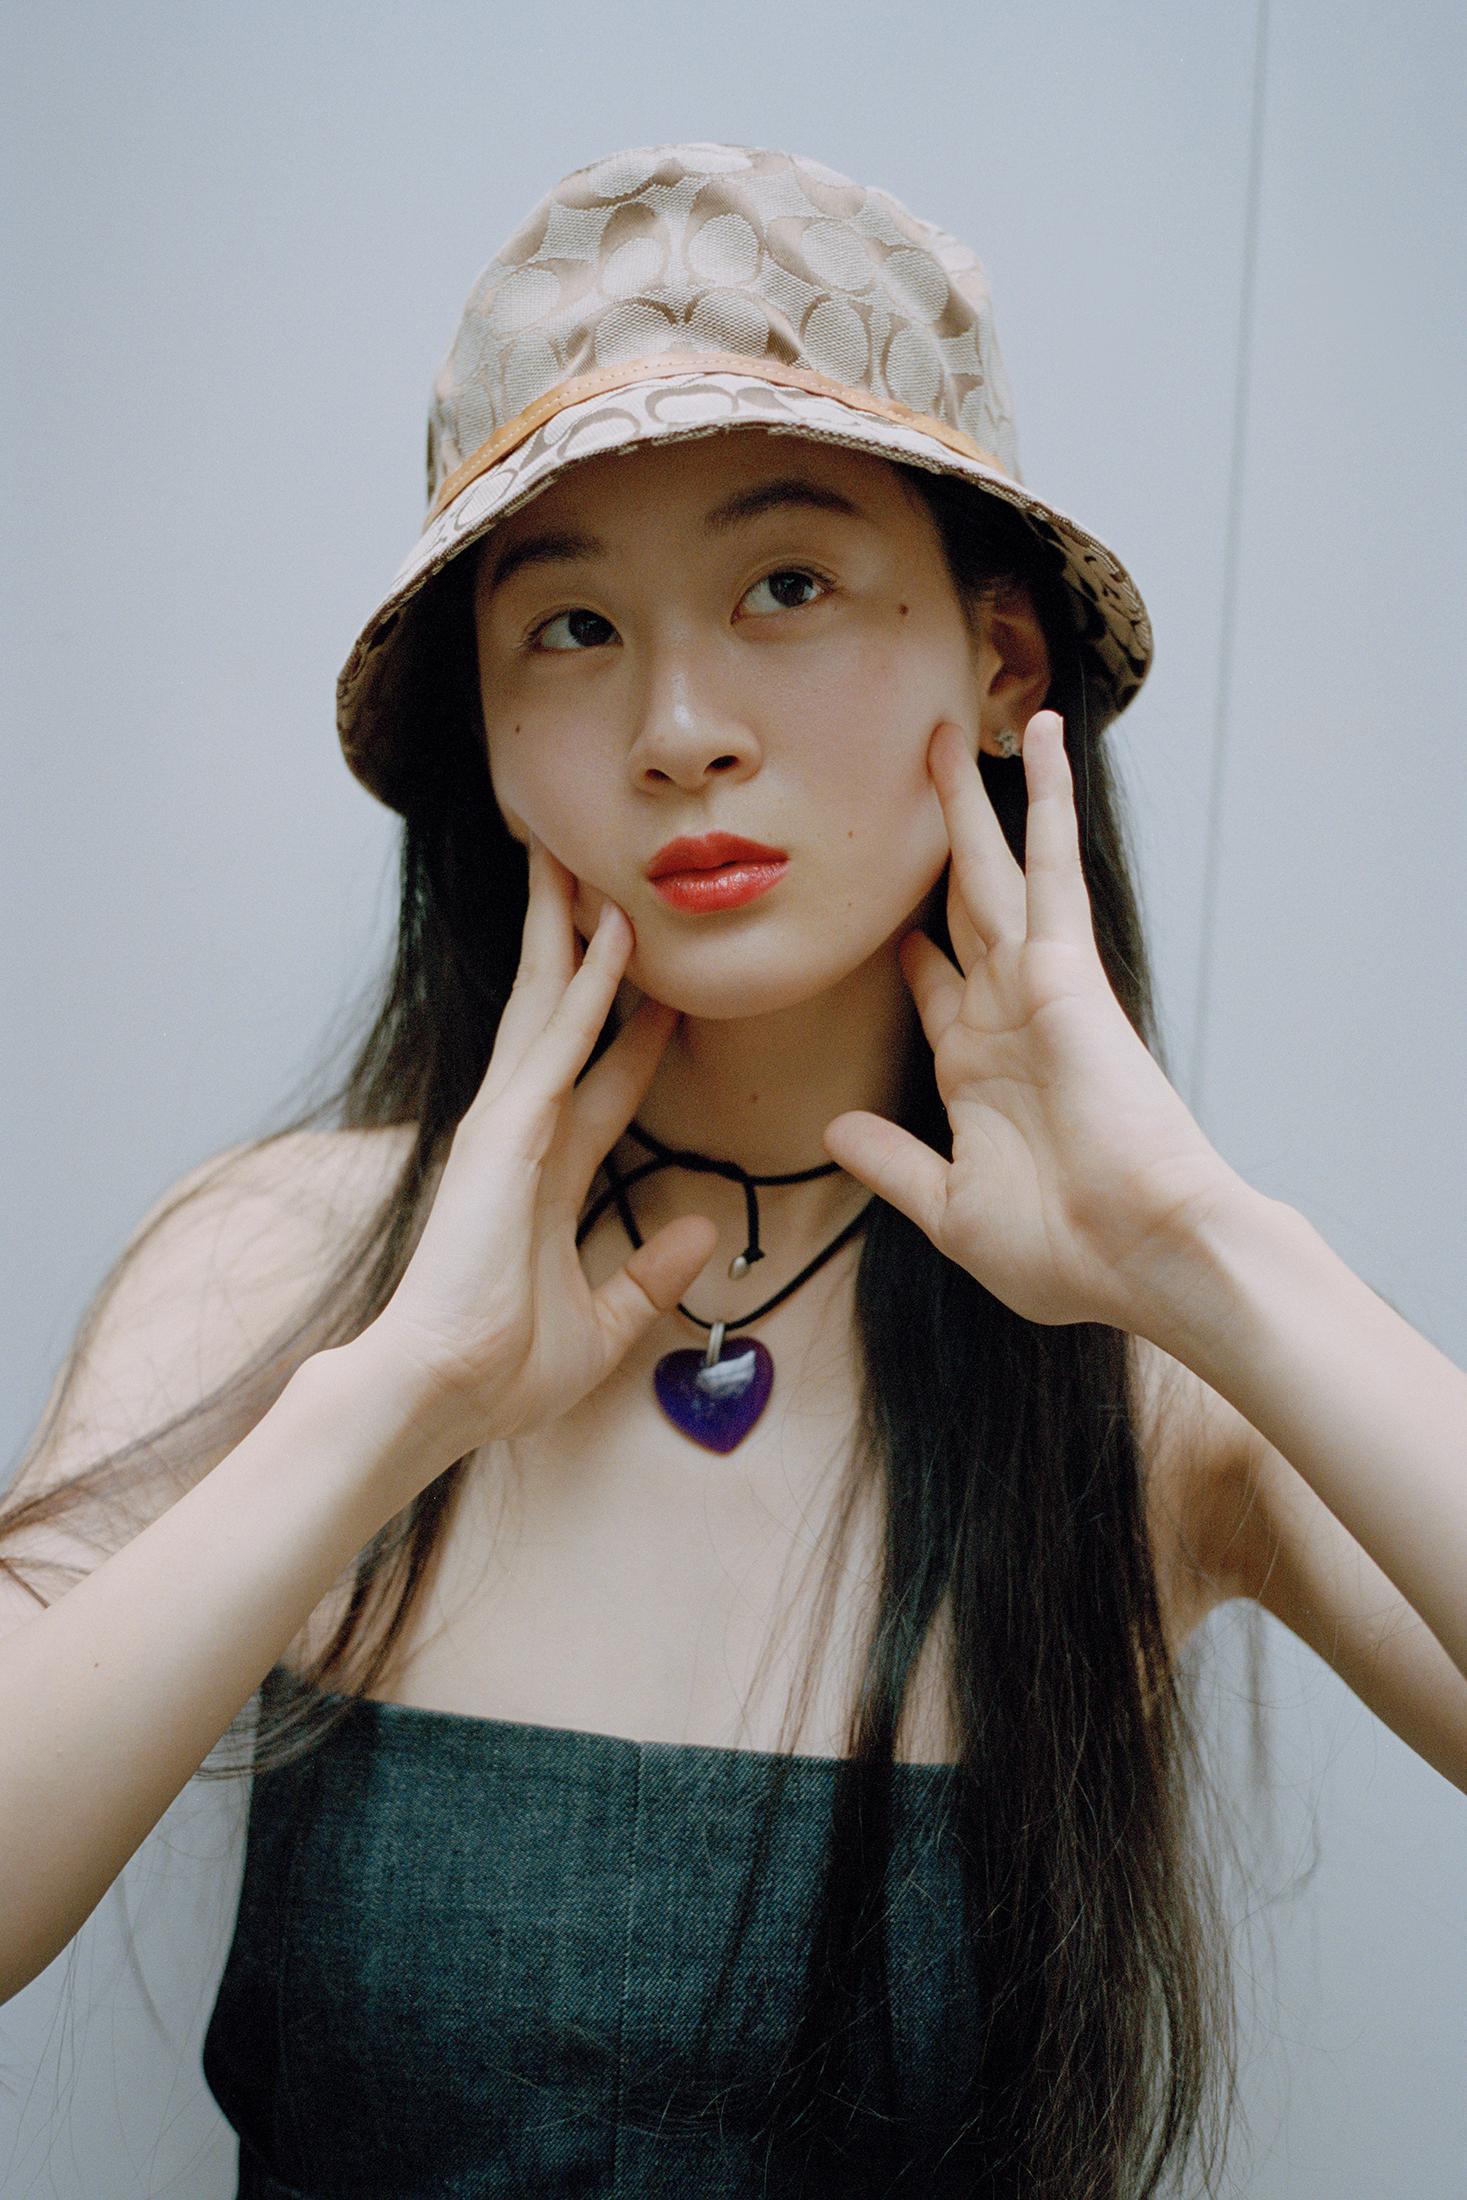 Ai yue  Published on 11 July 2018